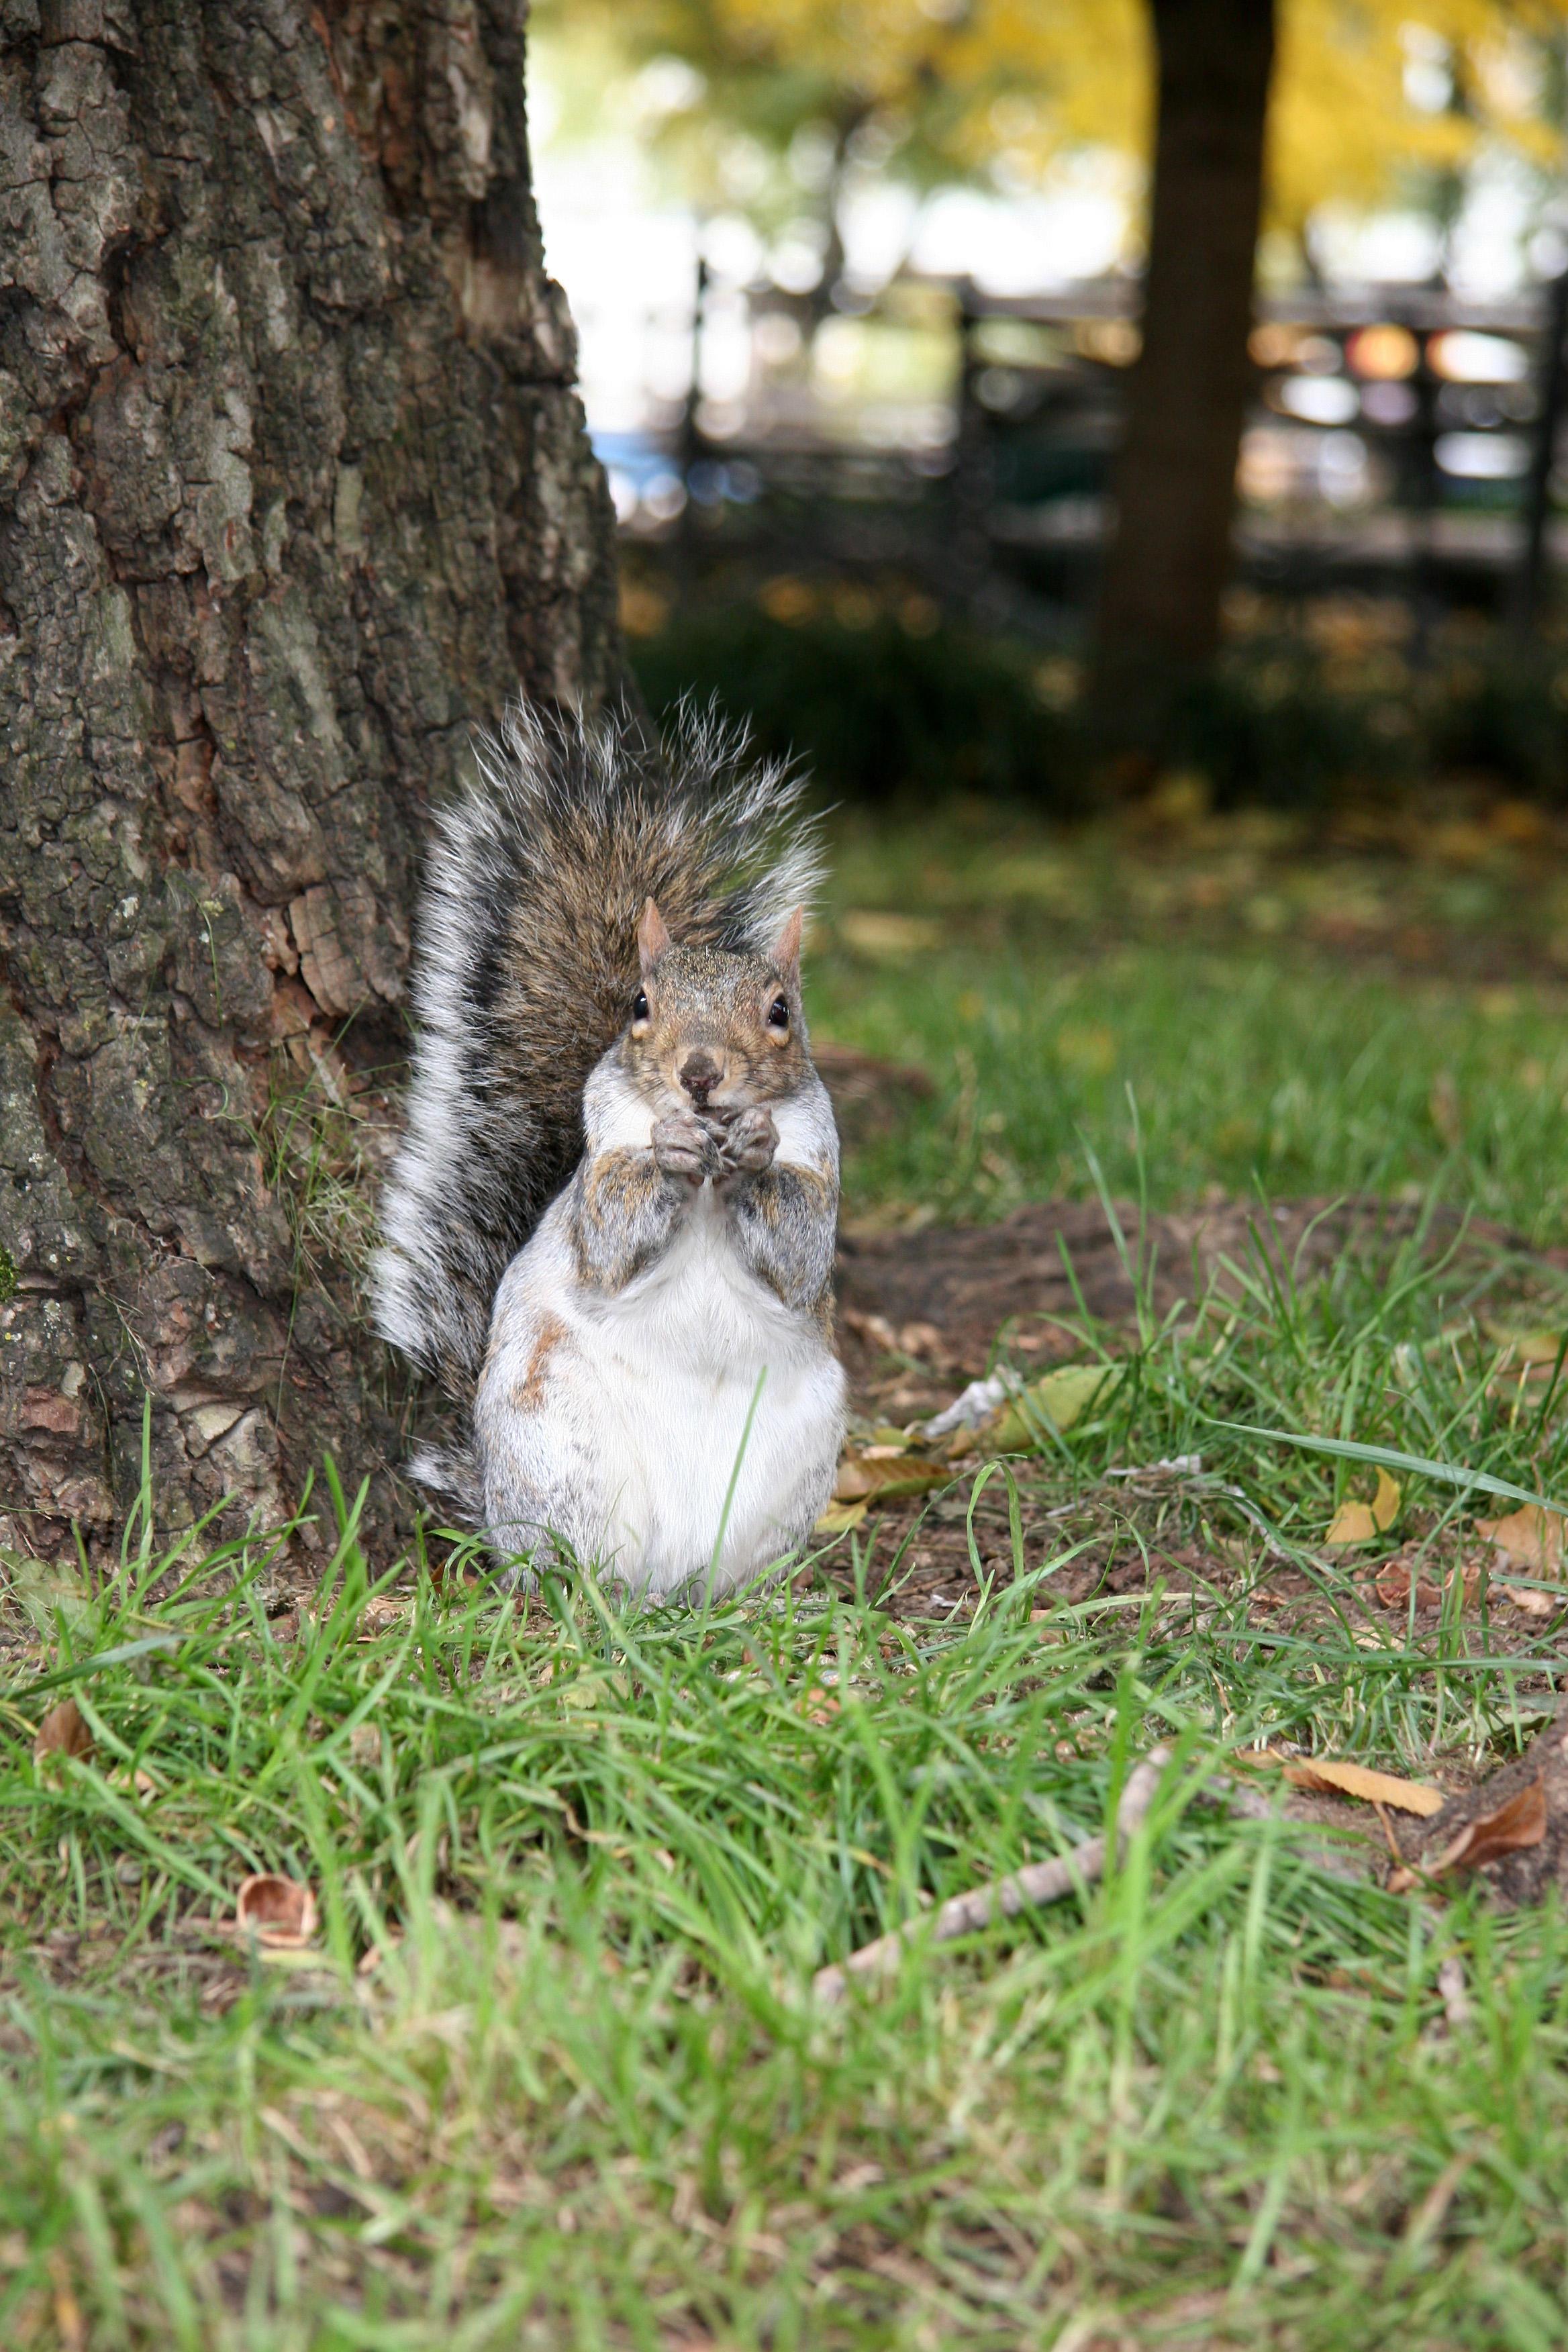 Munching Squirrel